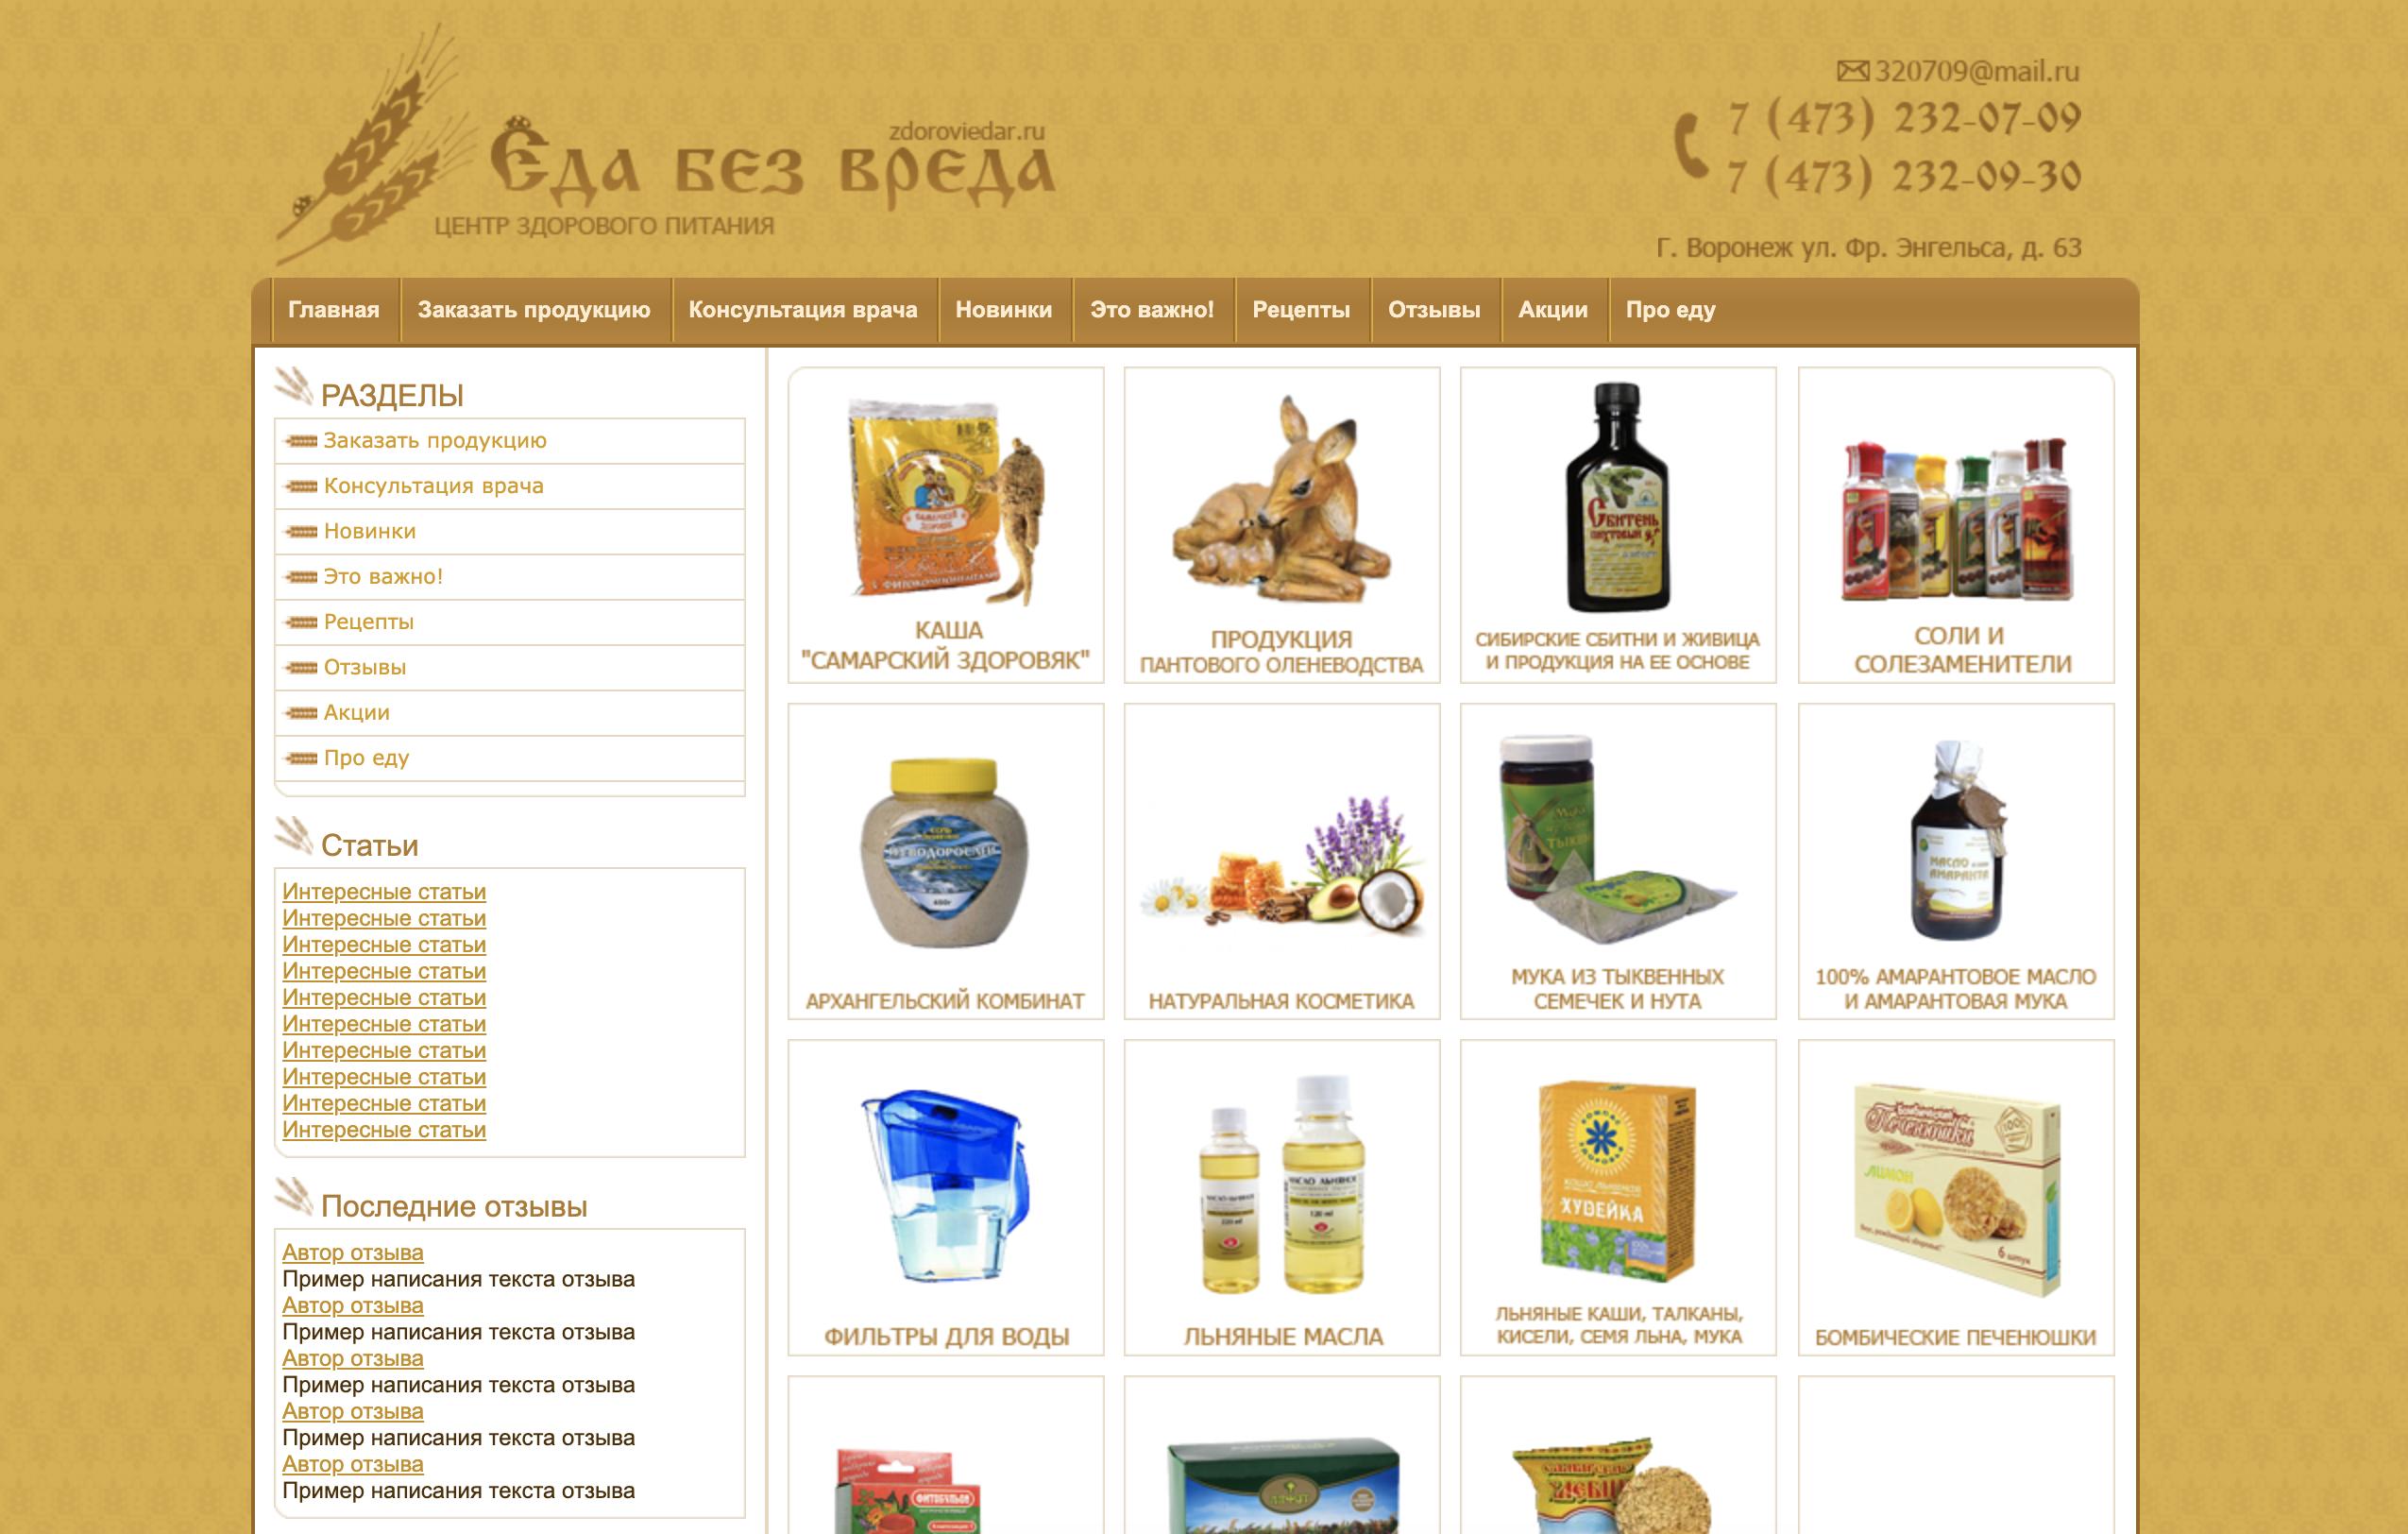 Верстка страниц сайта здорового питания ZdorovieDar Gold